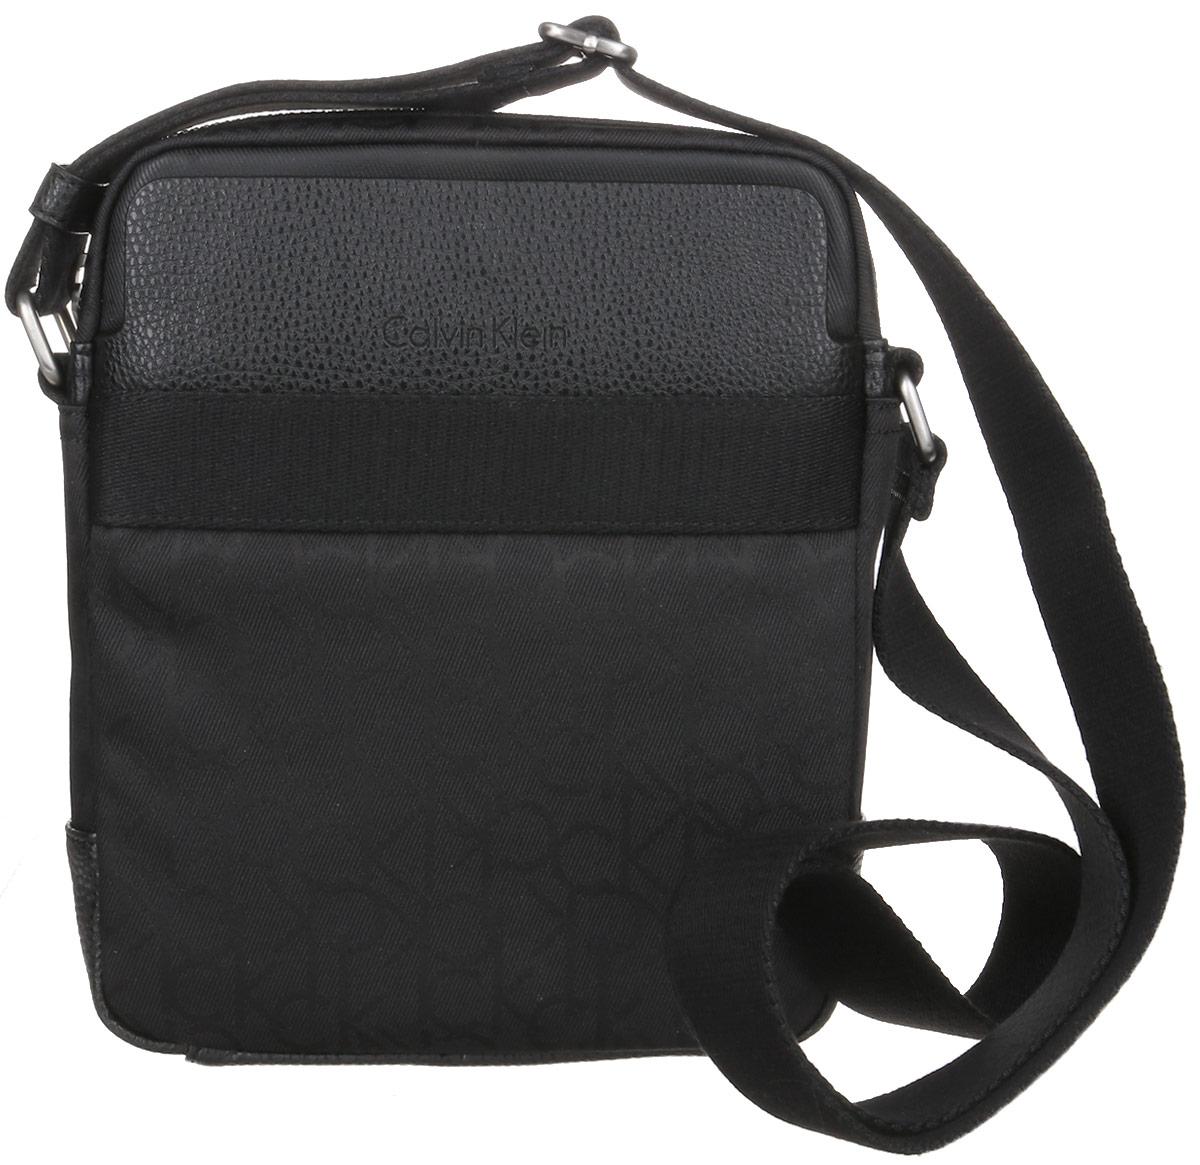 Сумка мужская Calvin Klein Jeans, цвет: черный. K50K502115_00123008Стильная сумка Calvin Klein Jeans выполнена из искусственной кожи, оформлена символикой бренда. Изделие содержит одно отделение, которое закрывается на застежку-молнию. Внутри сумки размещен один накладной кармашек для мелочей и один прорезной на застежке-молнии. Спереди расположен один накладной карман на магнитном замке. Сумка оснащена плечевым ремнем регулируемой длины. В комплекте с изделием поставляется чехол для хранения.